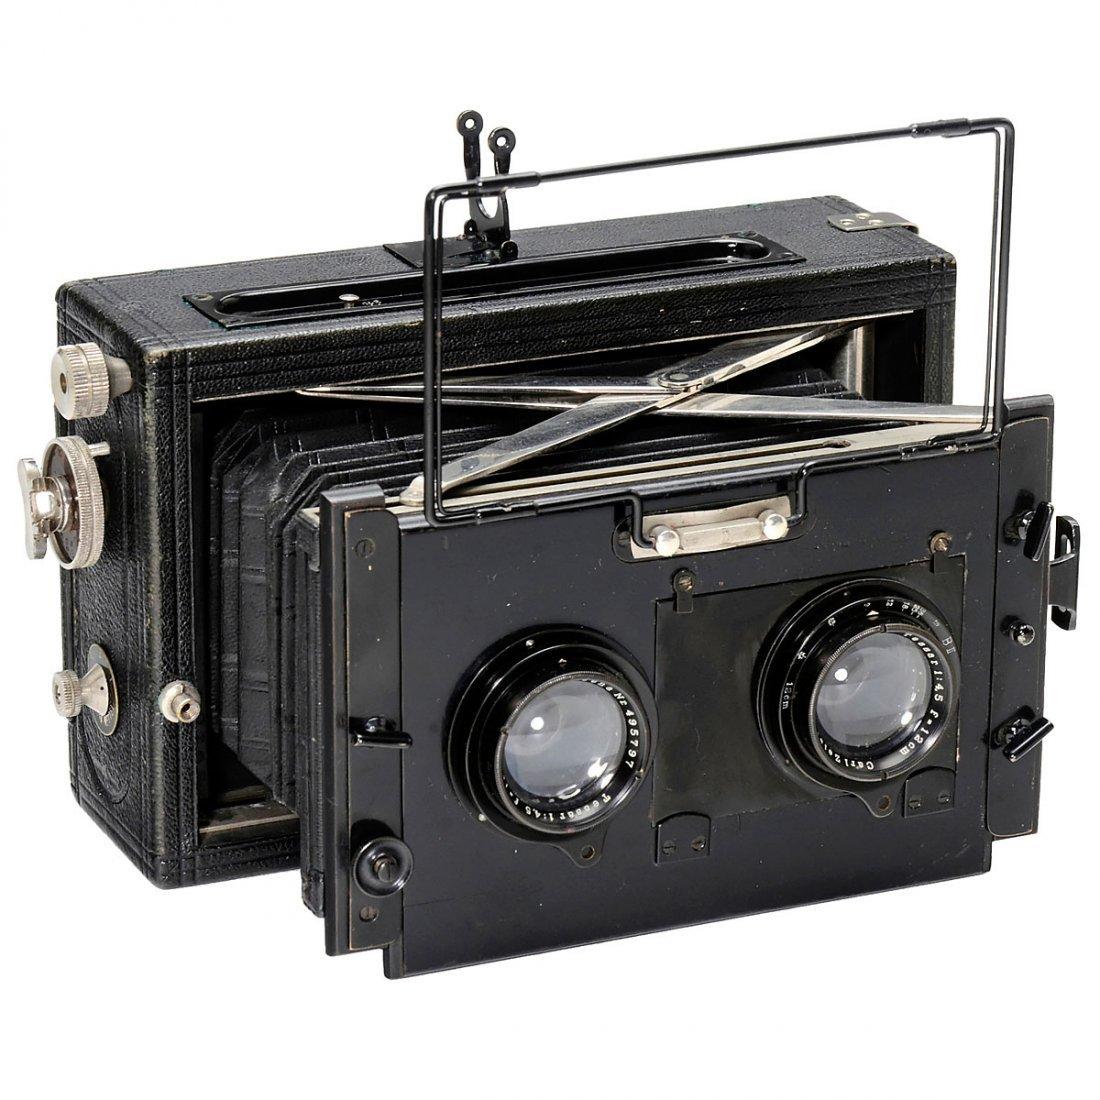 Deckrullo-Nettel Stereo 6 x 13, 1920